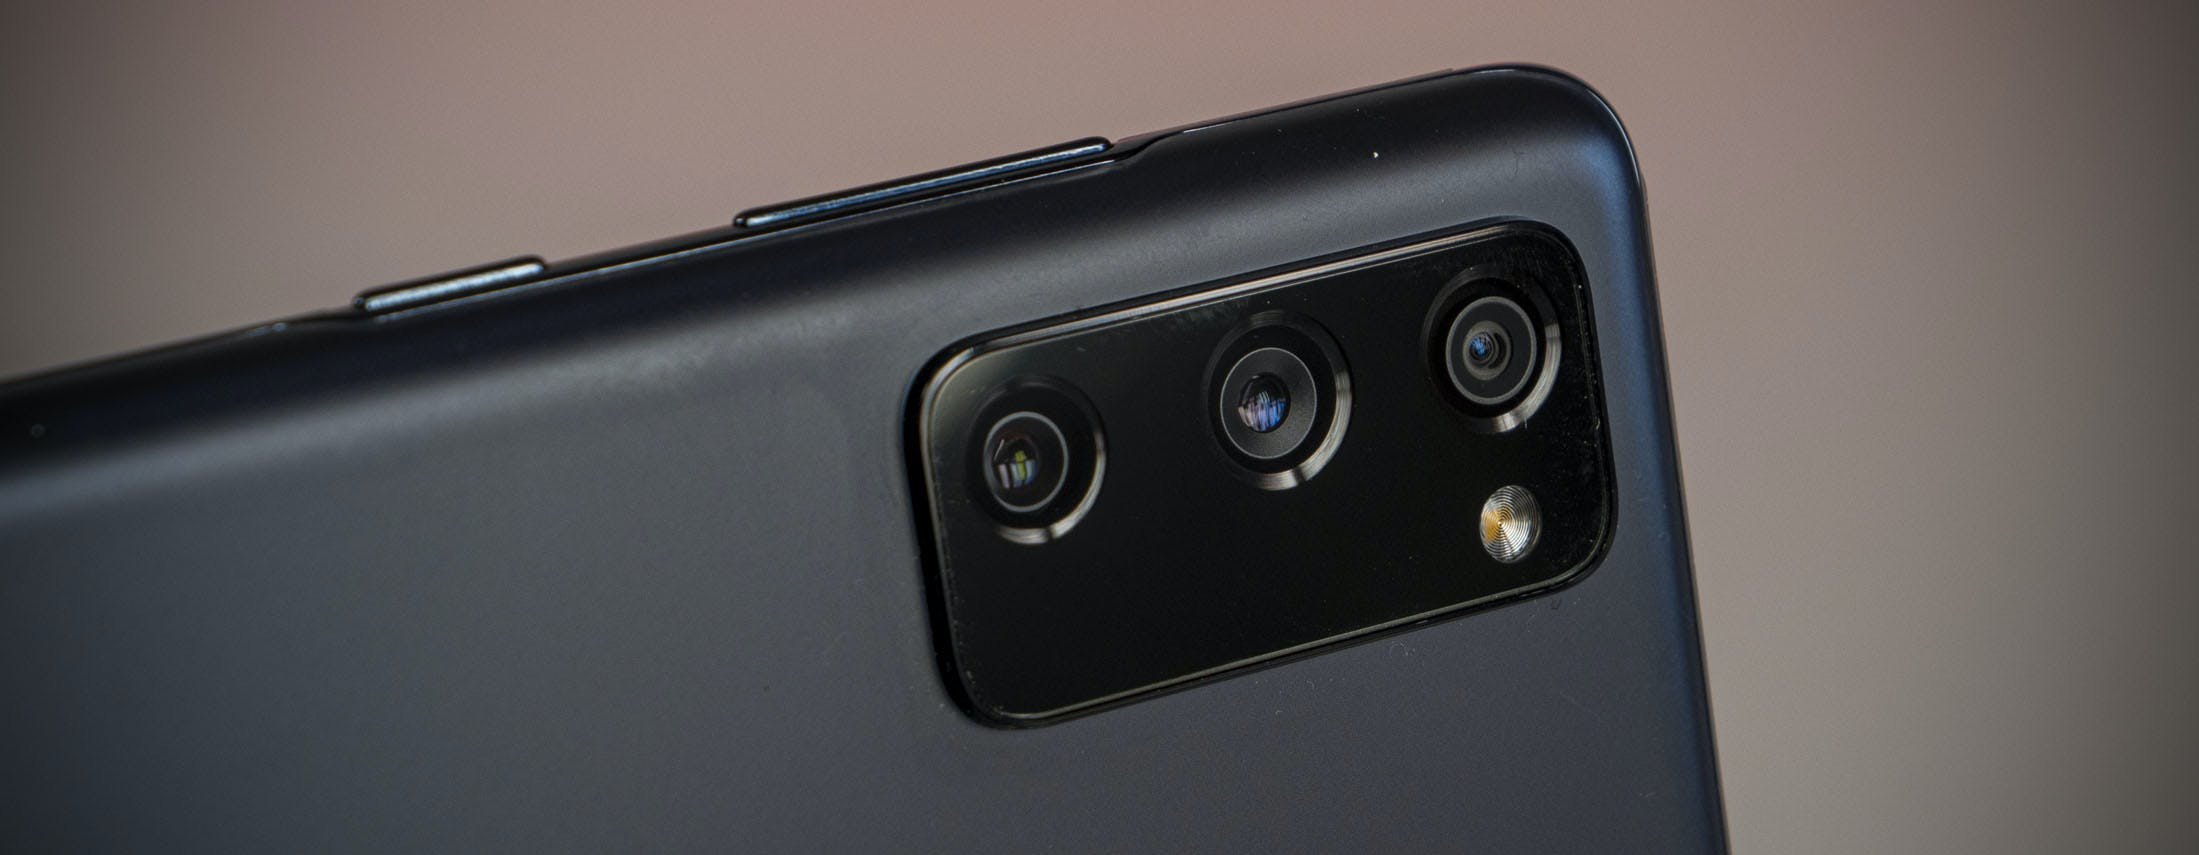 Recensione Galaxy S20 FE 5G. Con Snapdragon 865 e fotocamere da 12 megapixel tra gli S20 è il migliore